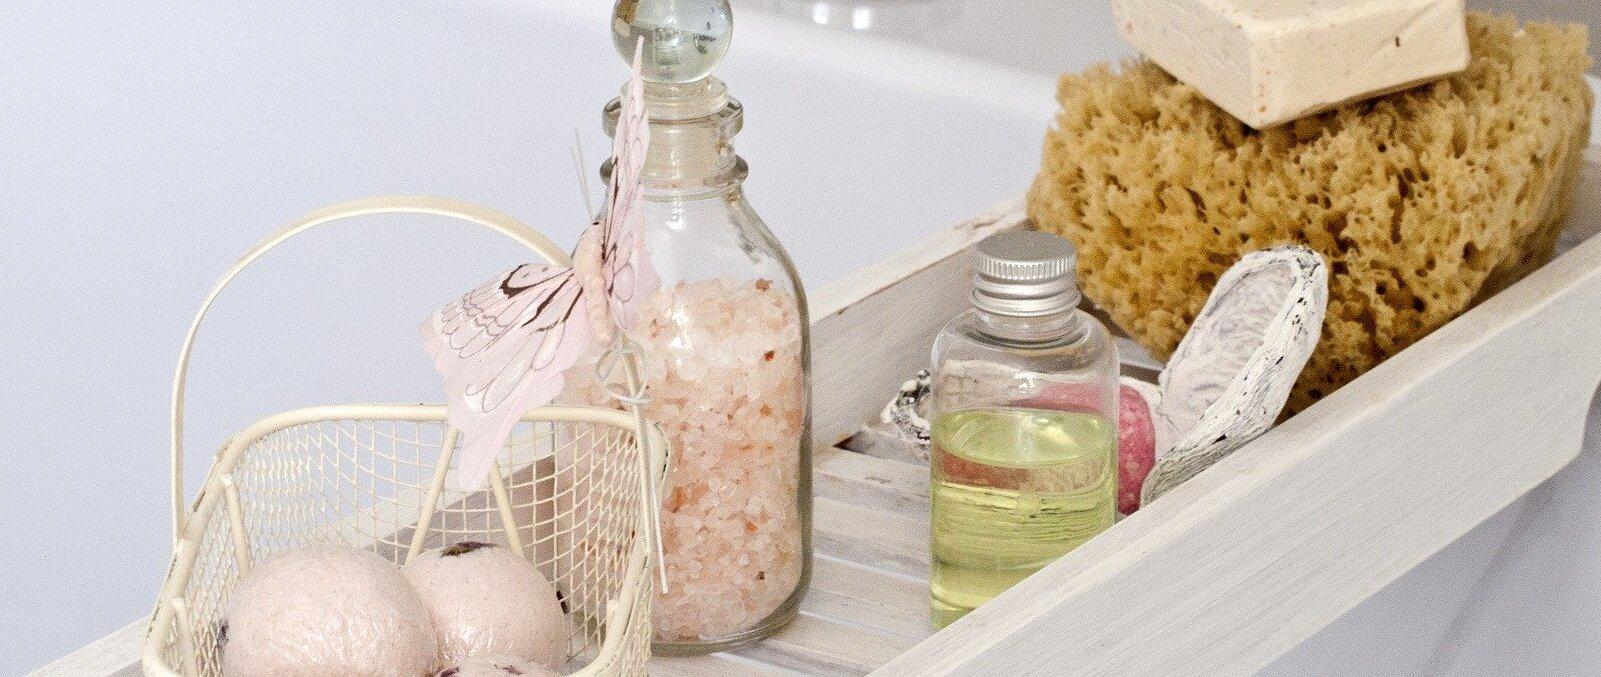 Verdades y mitos sobre productos cosméticos: aloe vera, rosa mosqueta, tintes y parabenos - Maldita.es